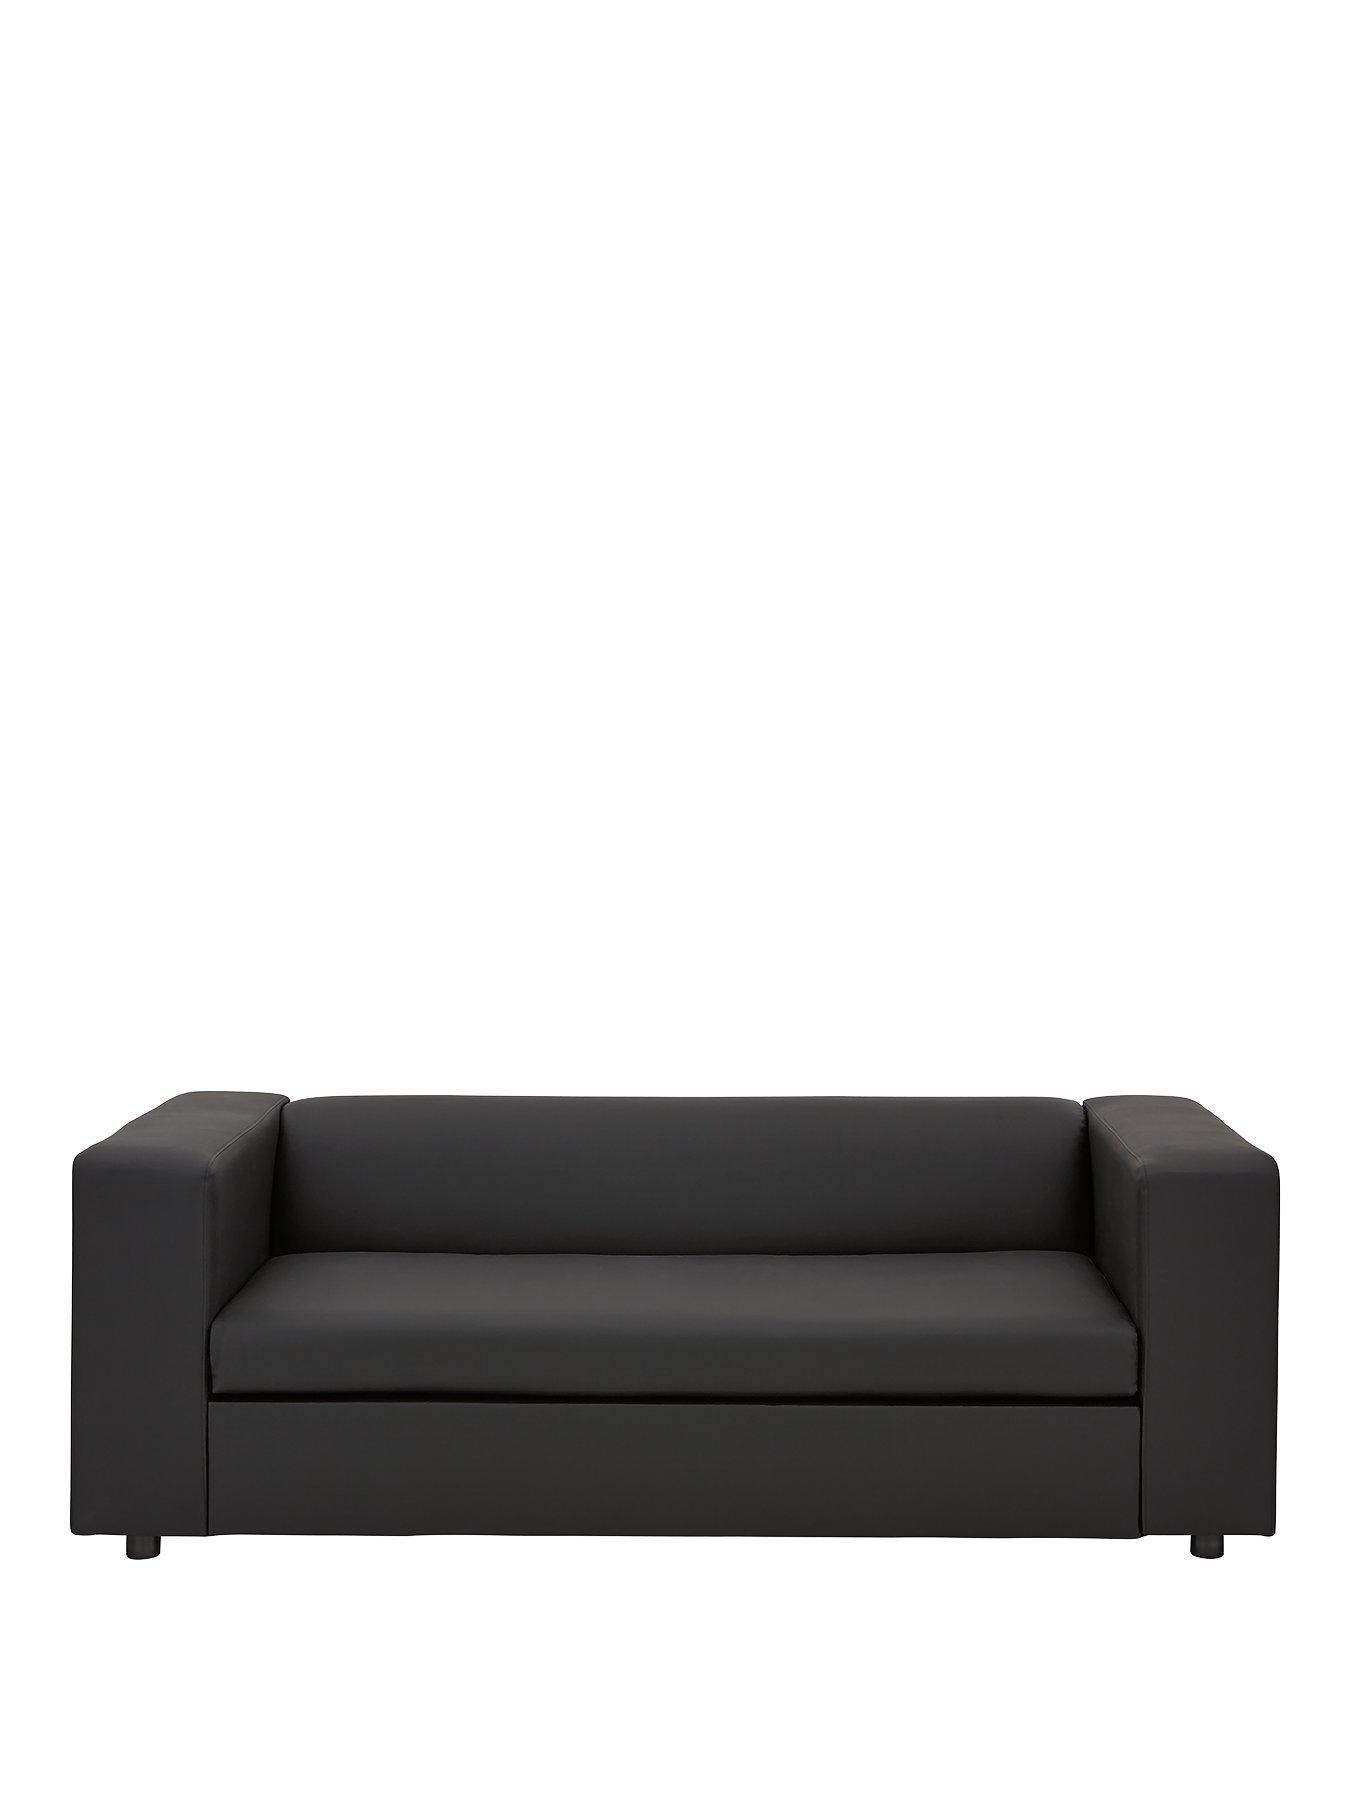 Leather Sofas | Sofas | Home & garden |